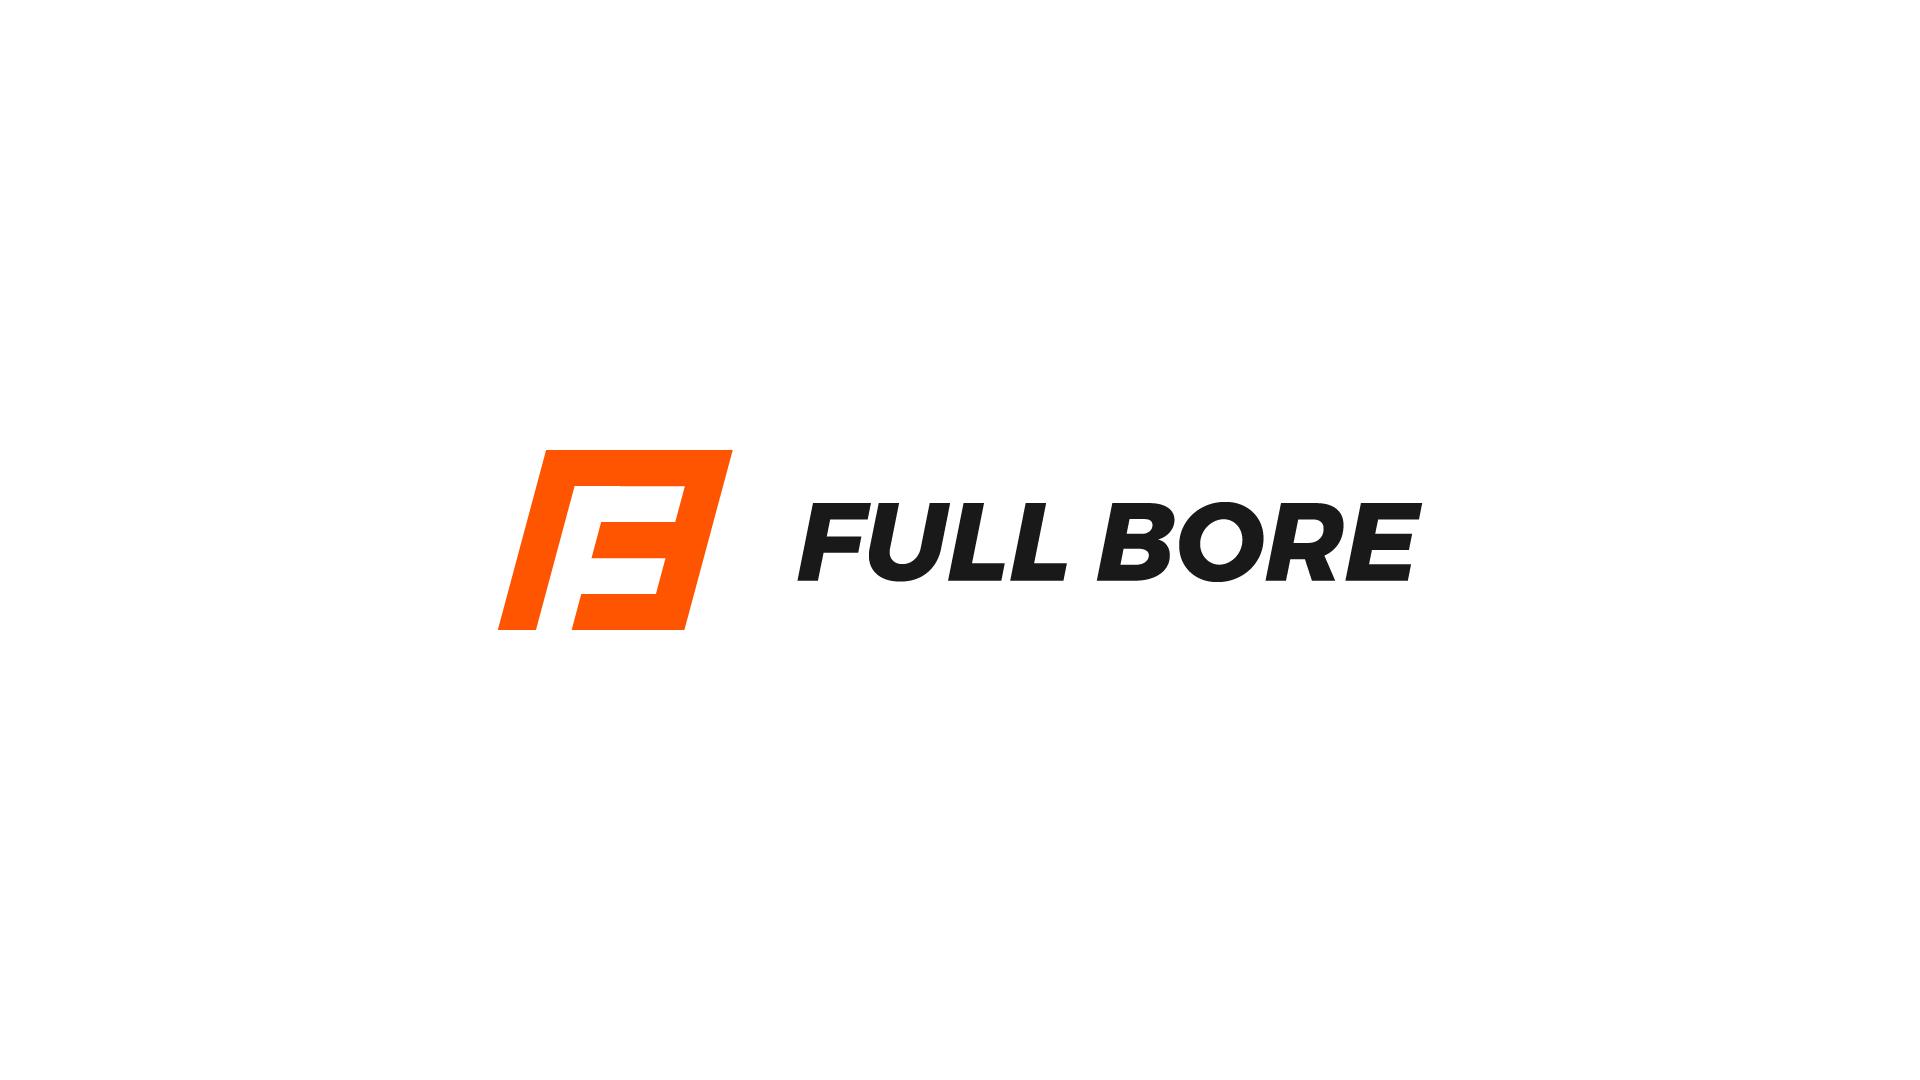 Full Bore